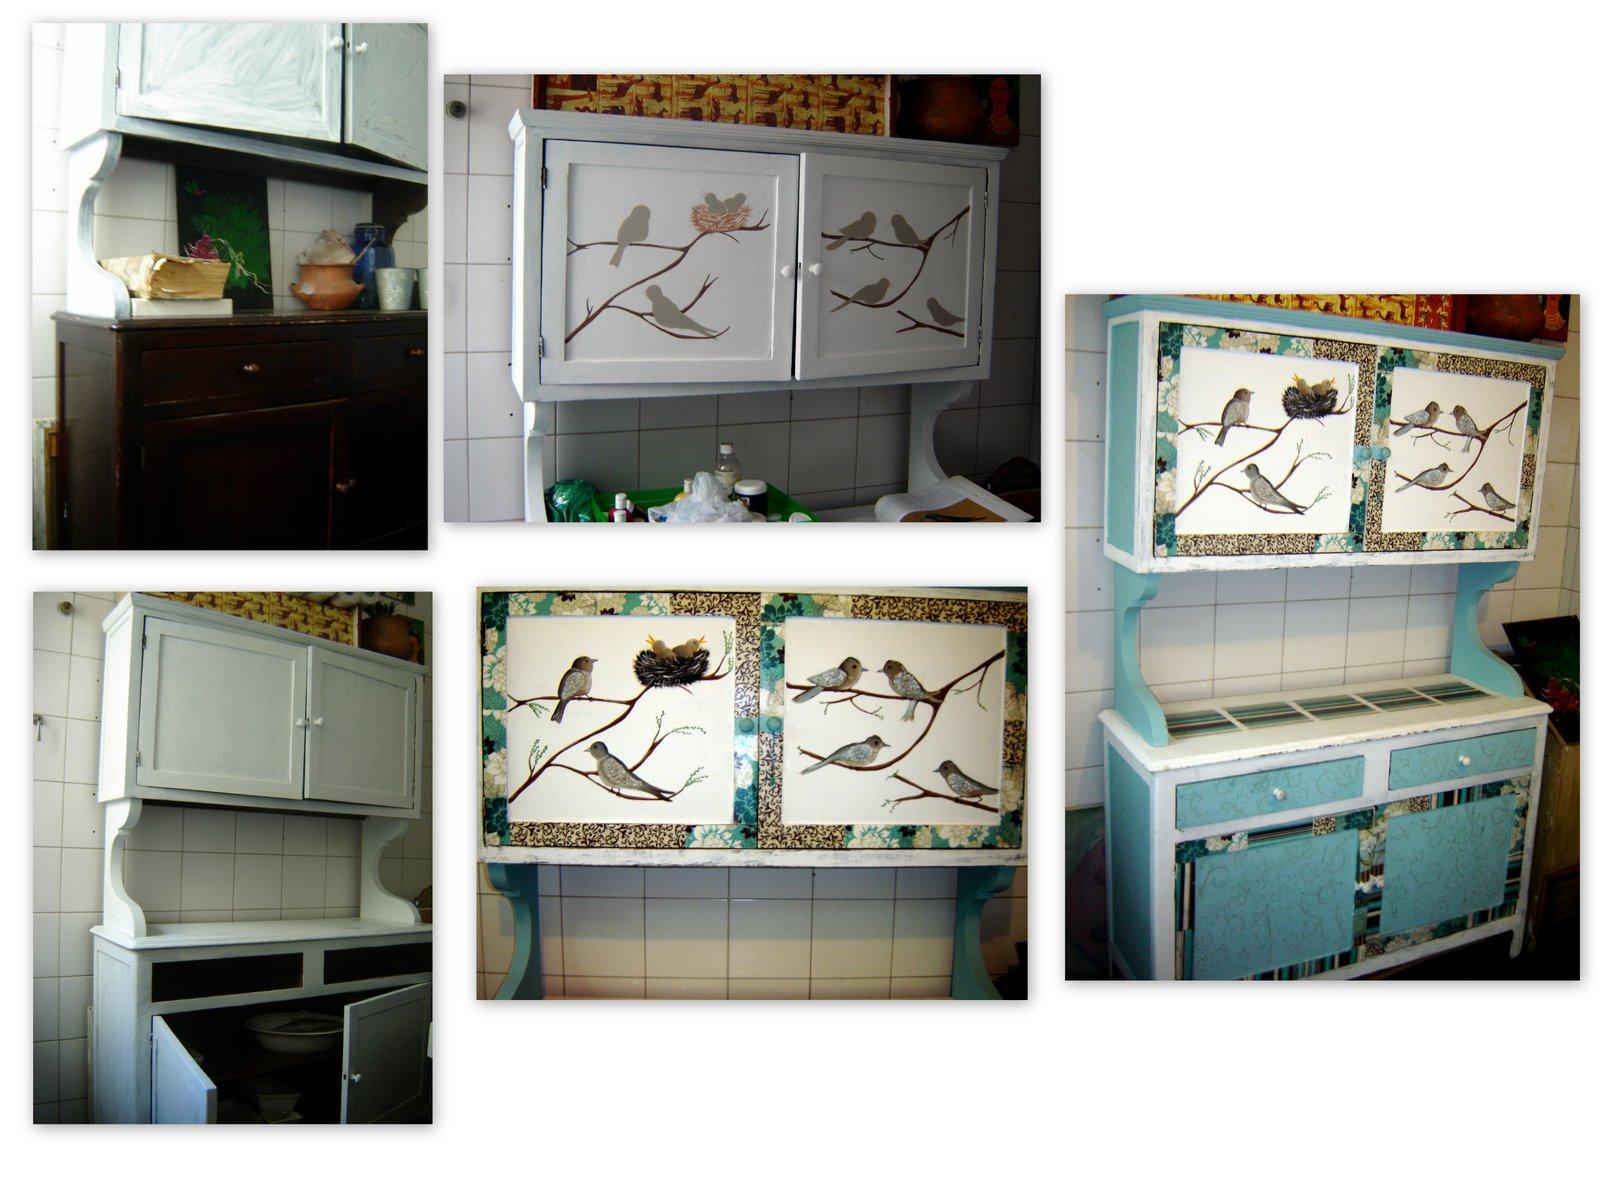 Como en cuentos mueble restaurado para la cocina - Mueble para la cocina ...